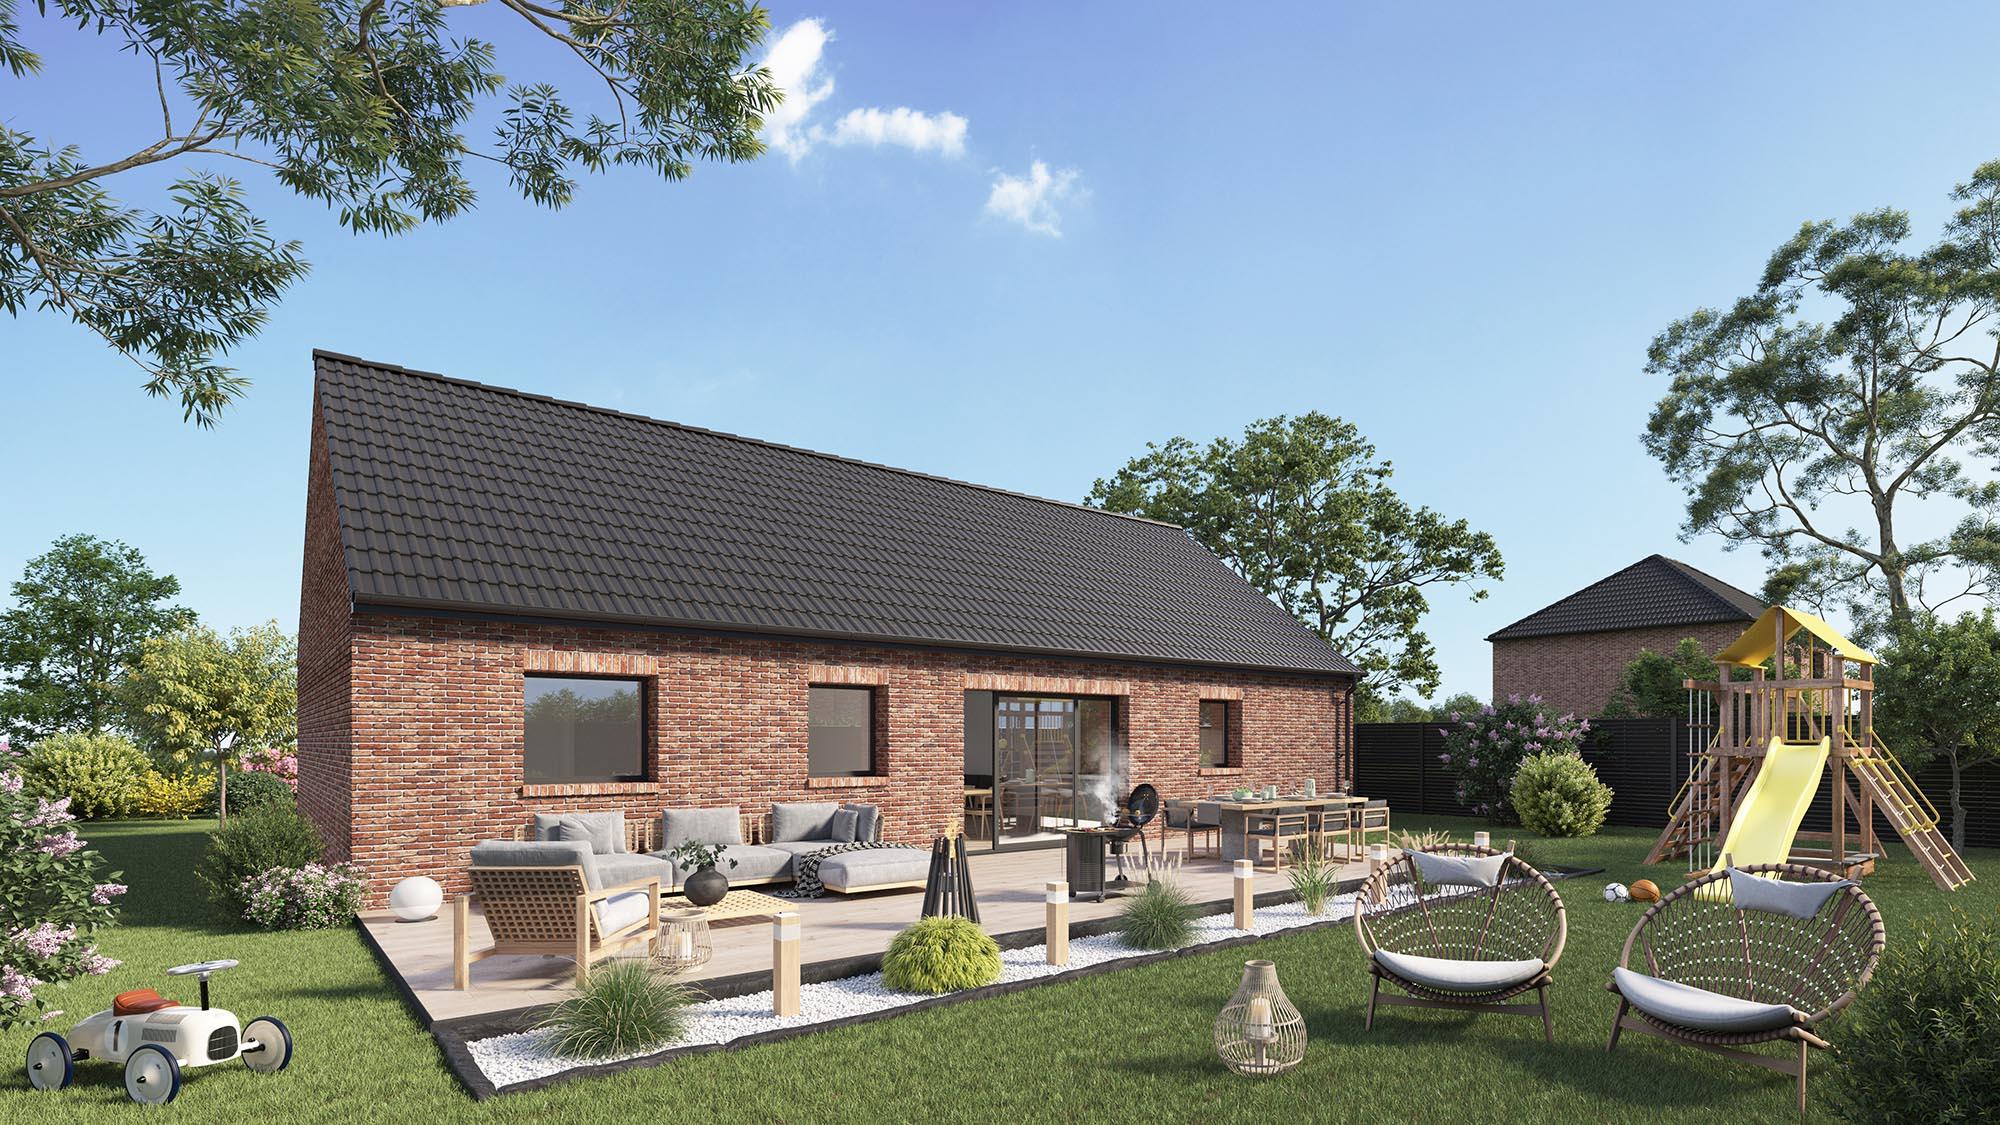 Maisons + Terrains du constructeur Maison Castor St Omer • 98 m² • HERZEELE